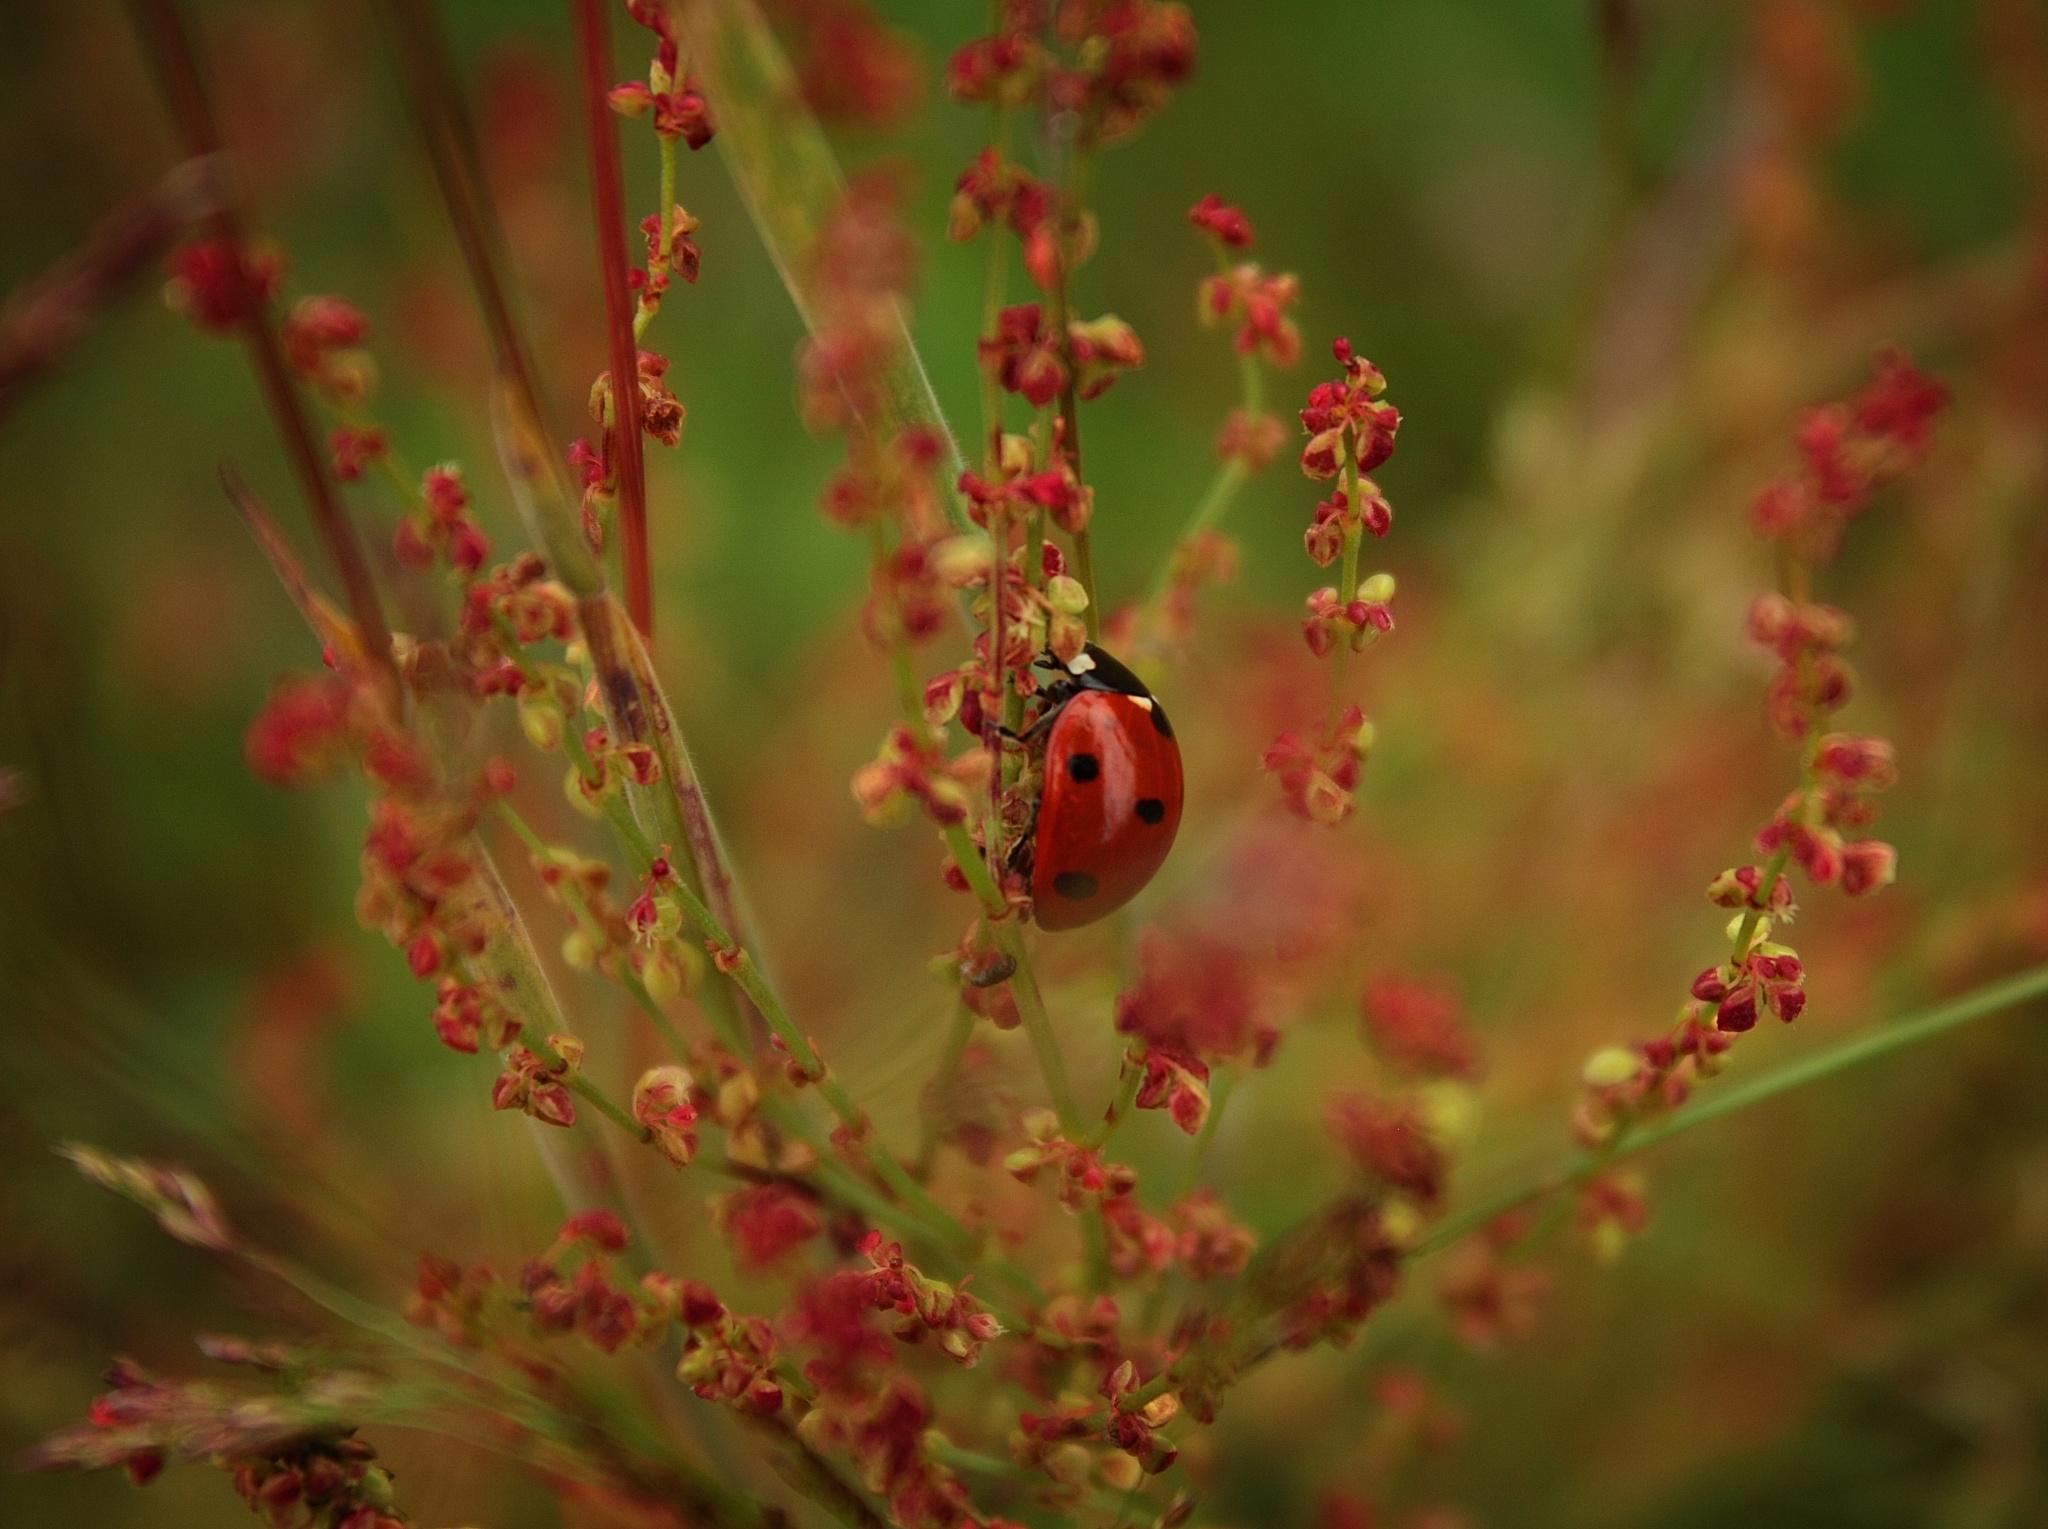 Lieveheersbeestje by marion.vanriet